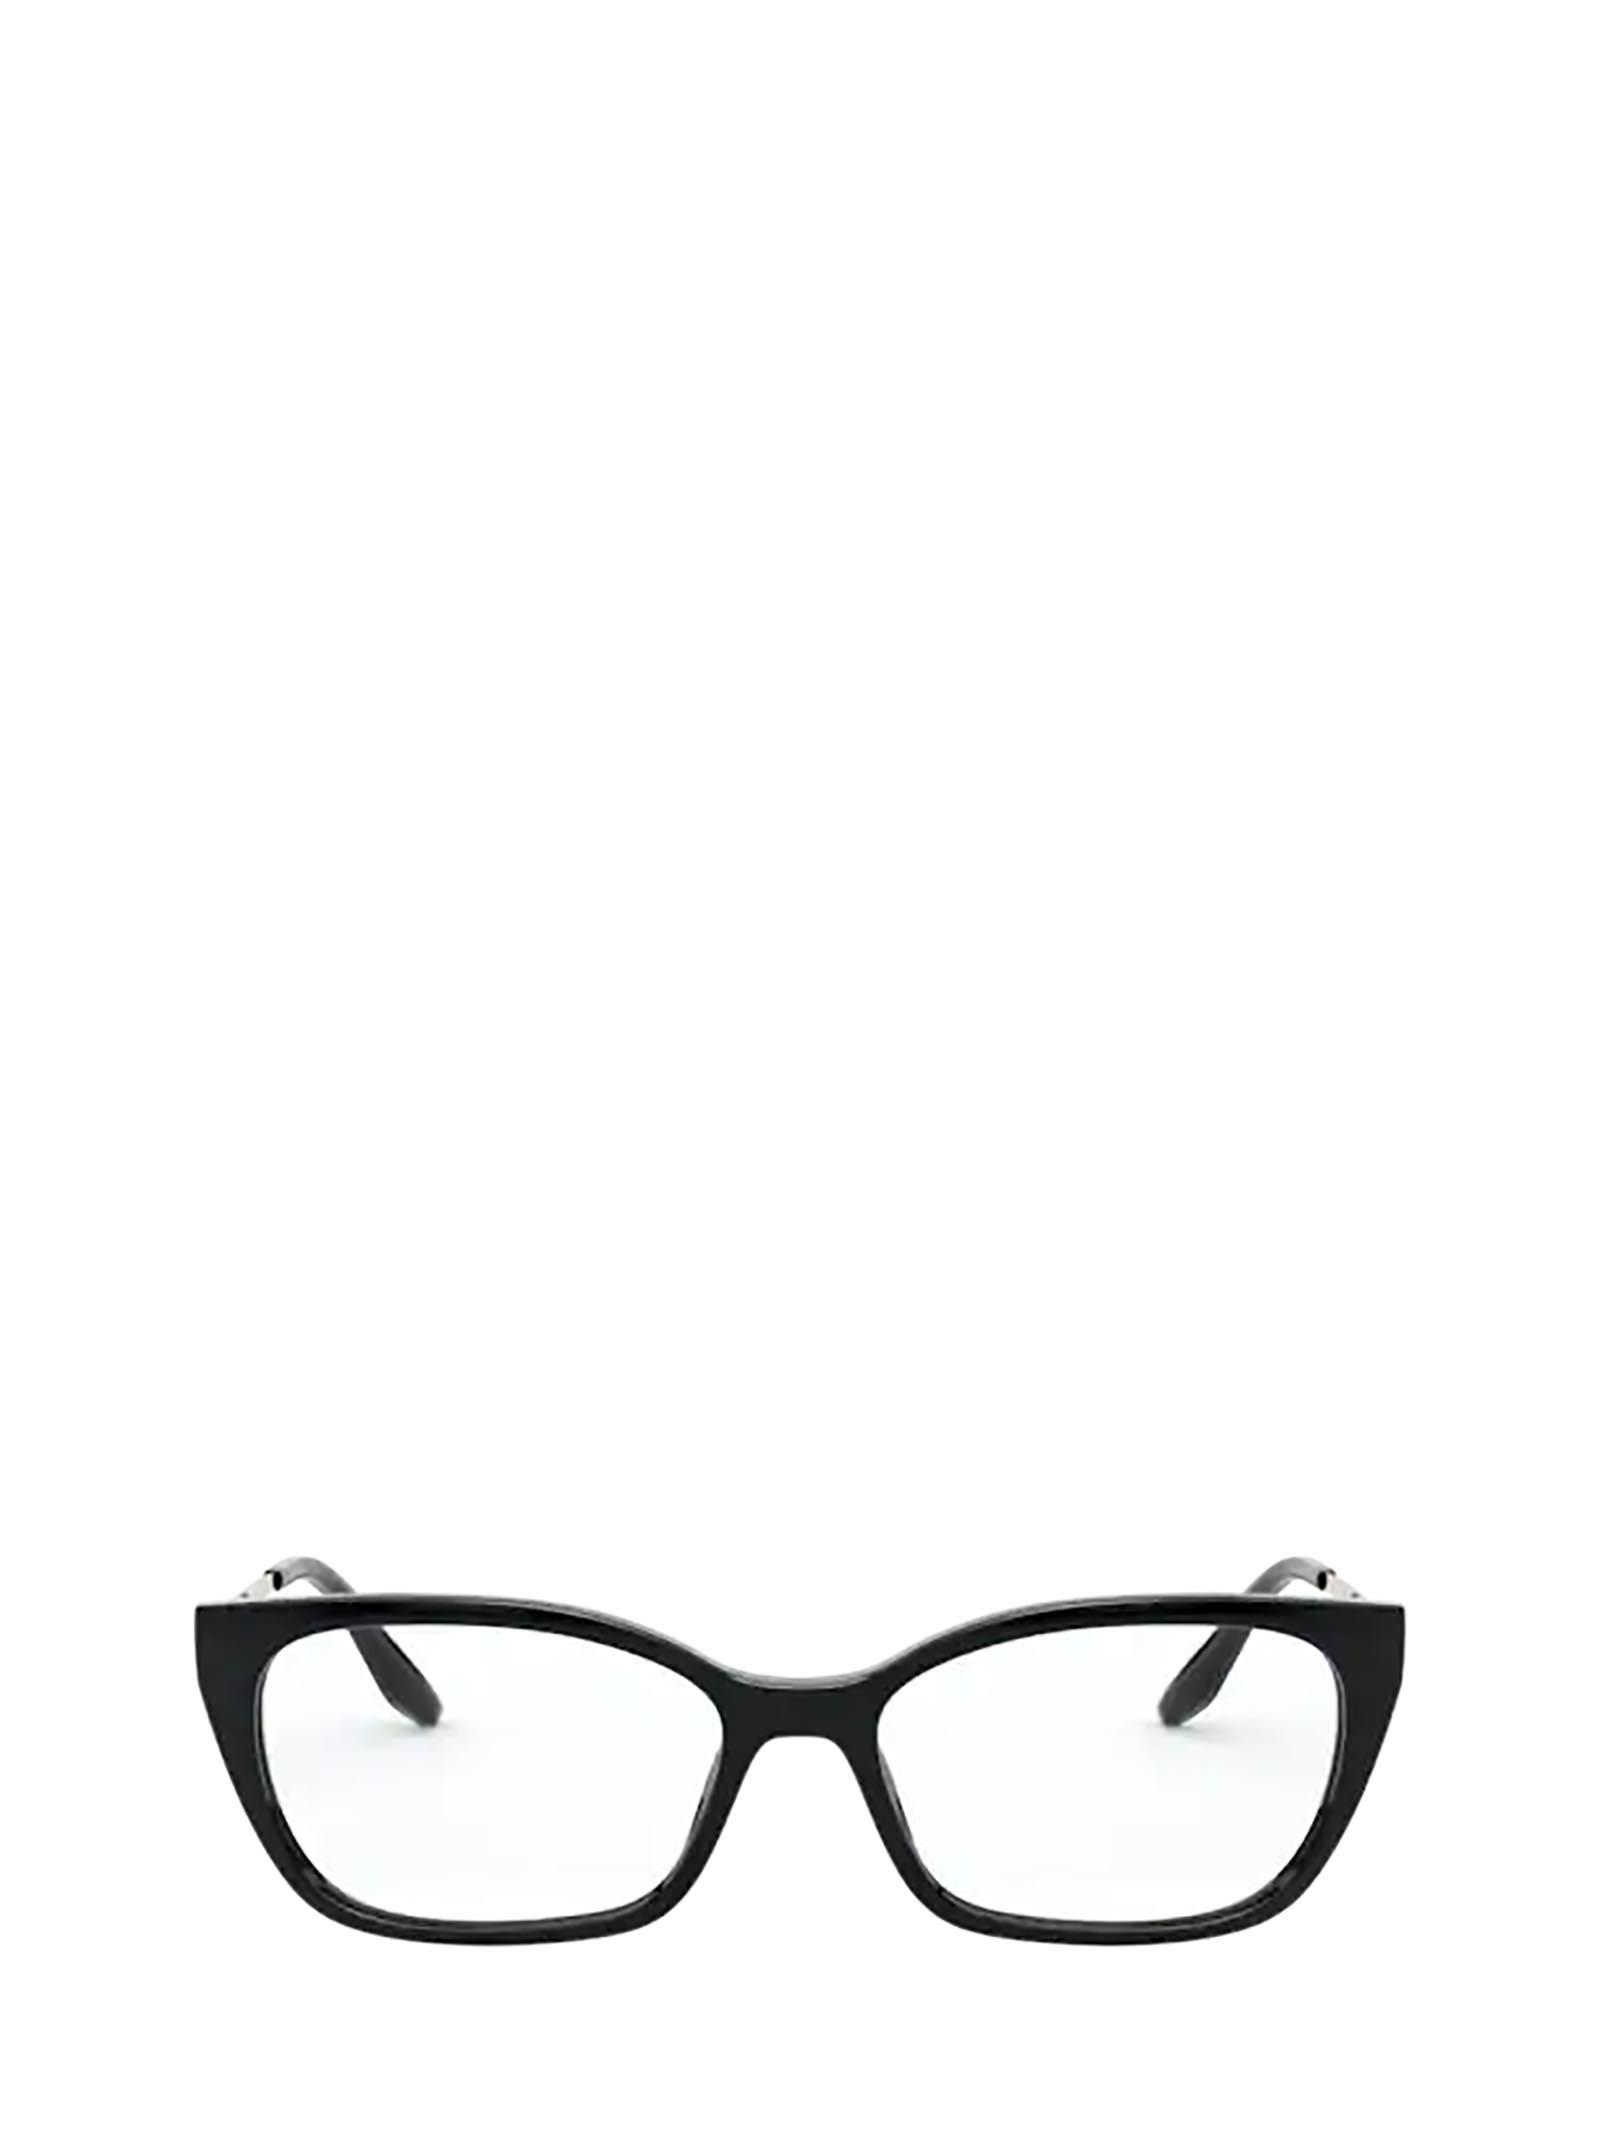 Prada Prada Pr 14xv 1ab1o1 Glasses